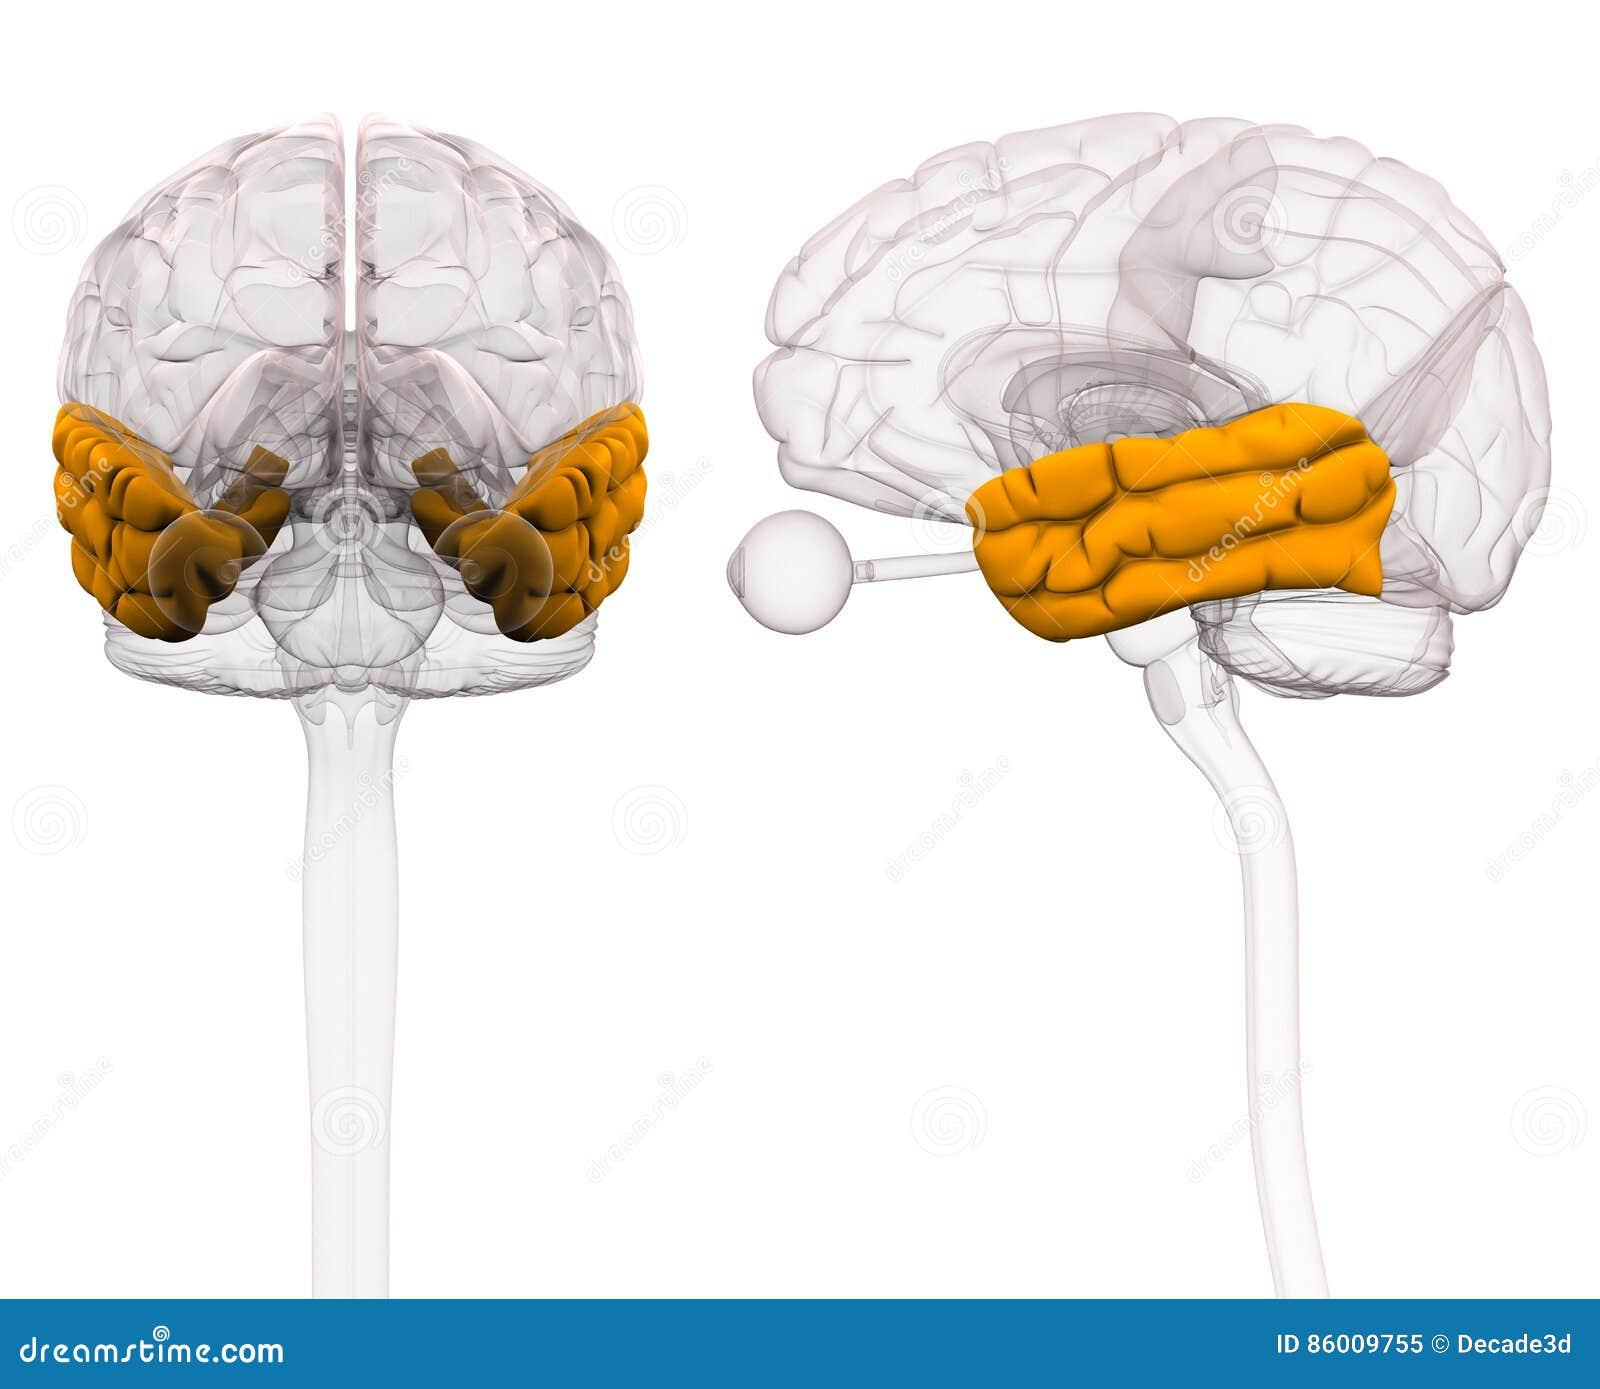 Zeitlicher Vorsprung Brain Anatomy Illustration 3d Stock Abbildung